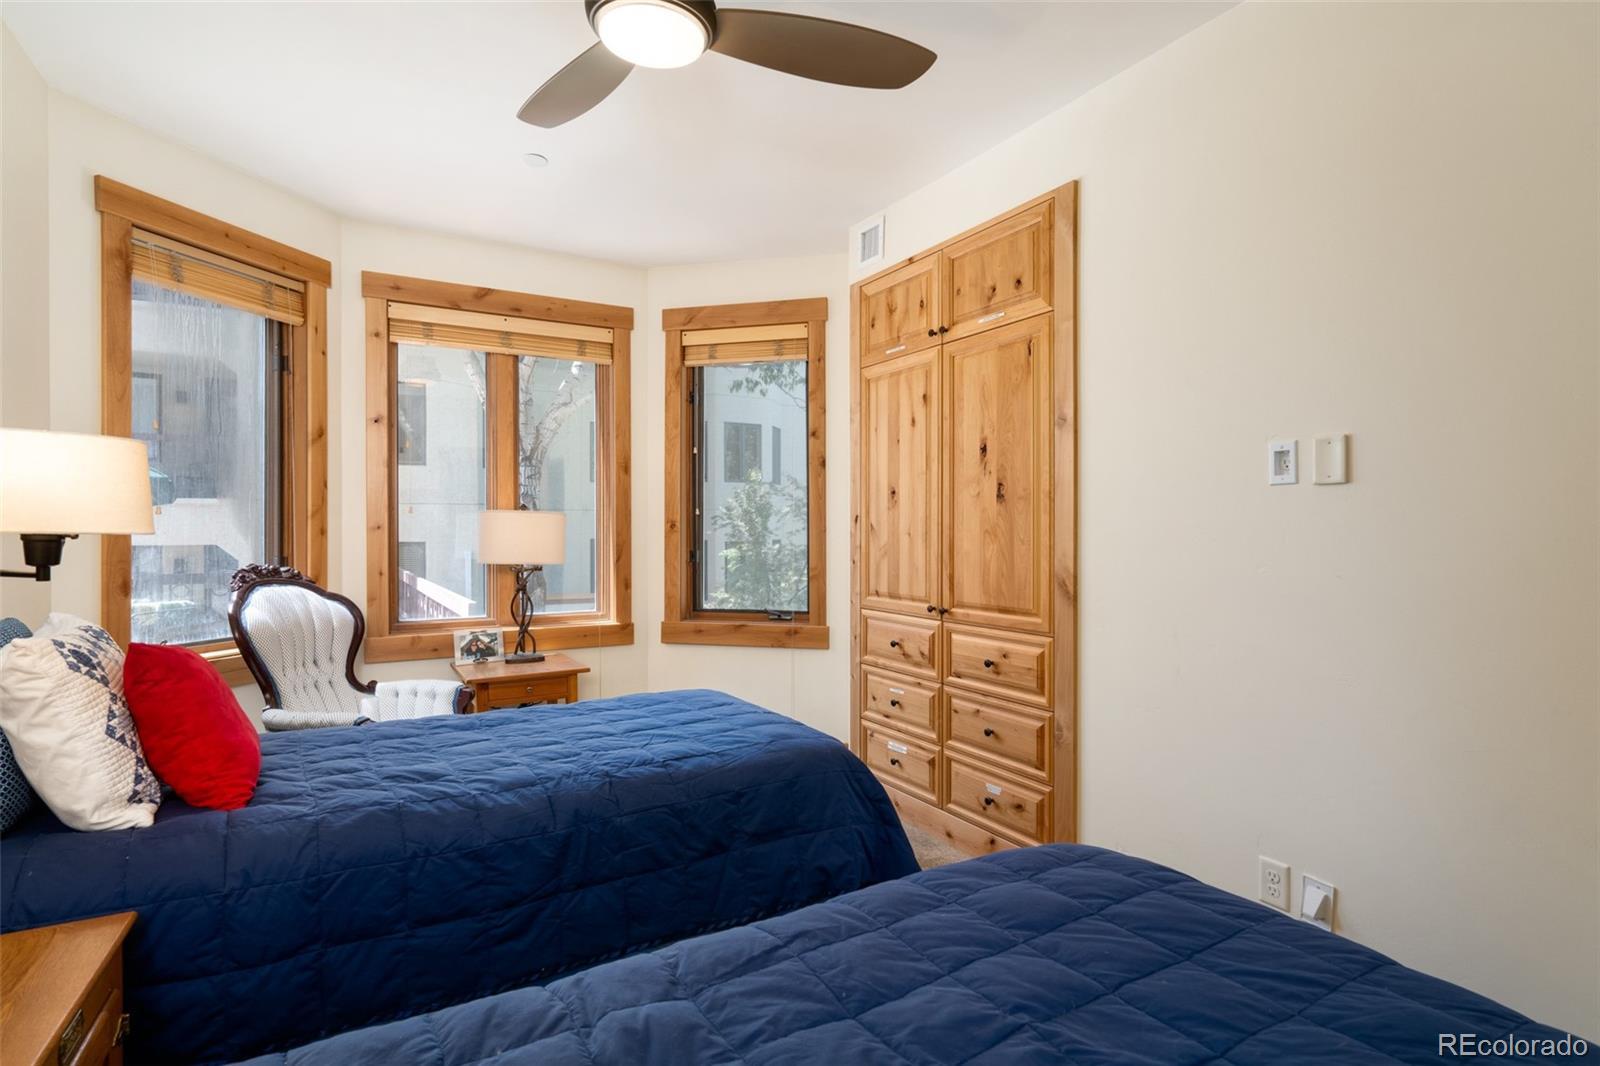 MLS# 1828561 - 16 - 2800 Eagleridge Drive #B-2, Steamboat Springs, CO 80487